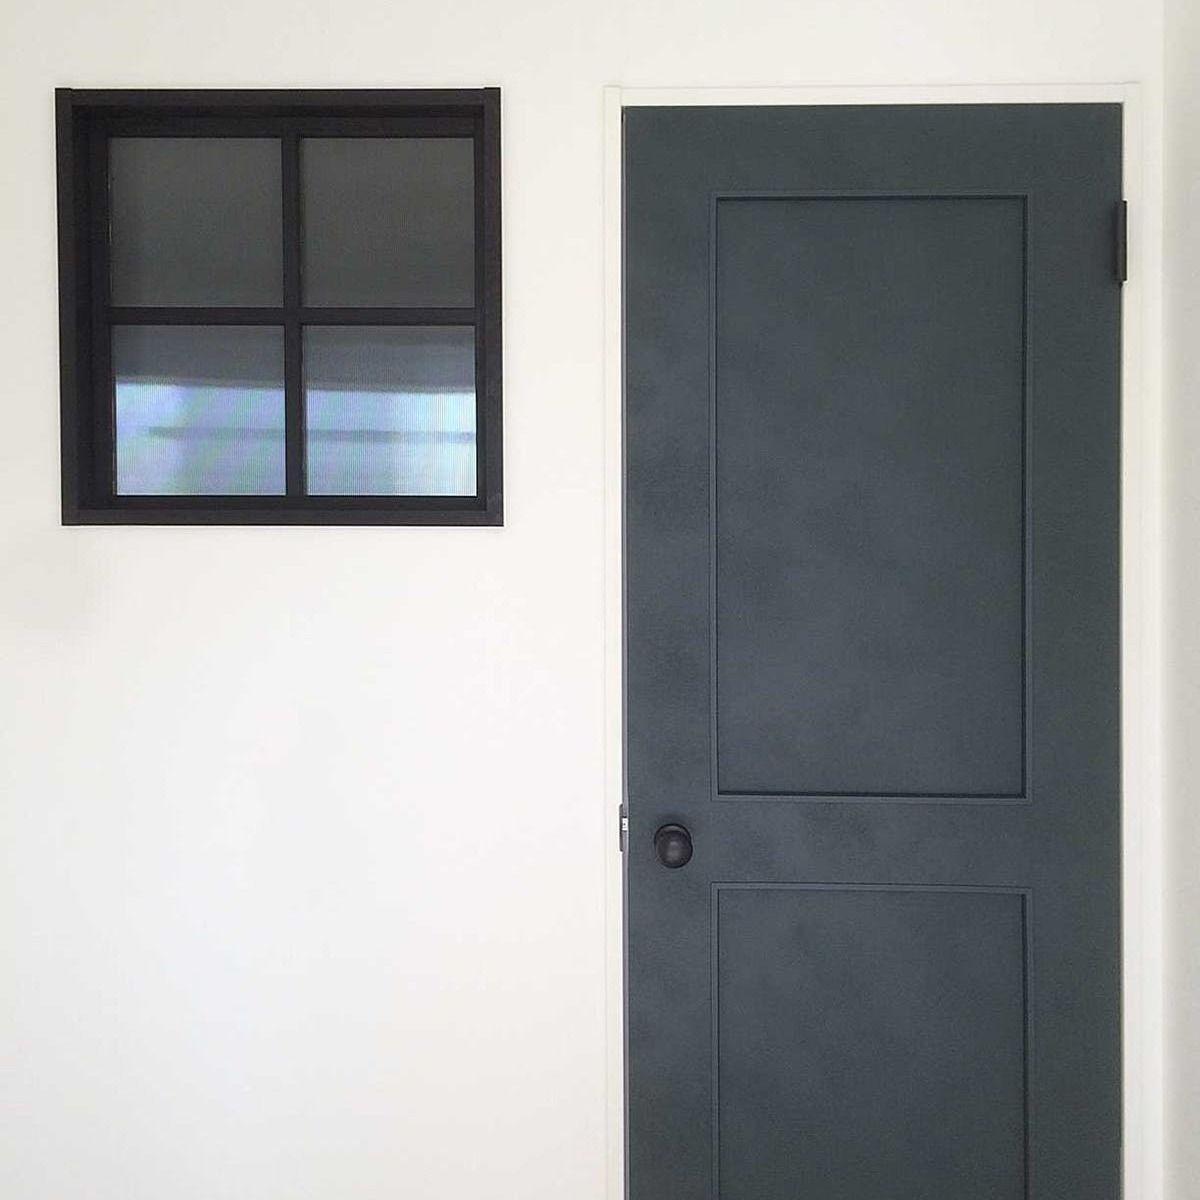 シンプルかつお洒落に 明かり窓に エストラド を使用した事例 茨城